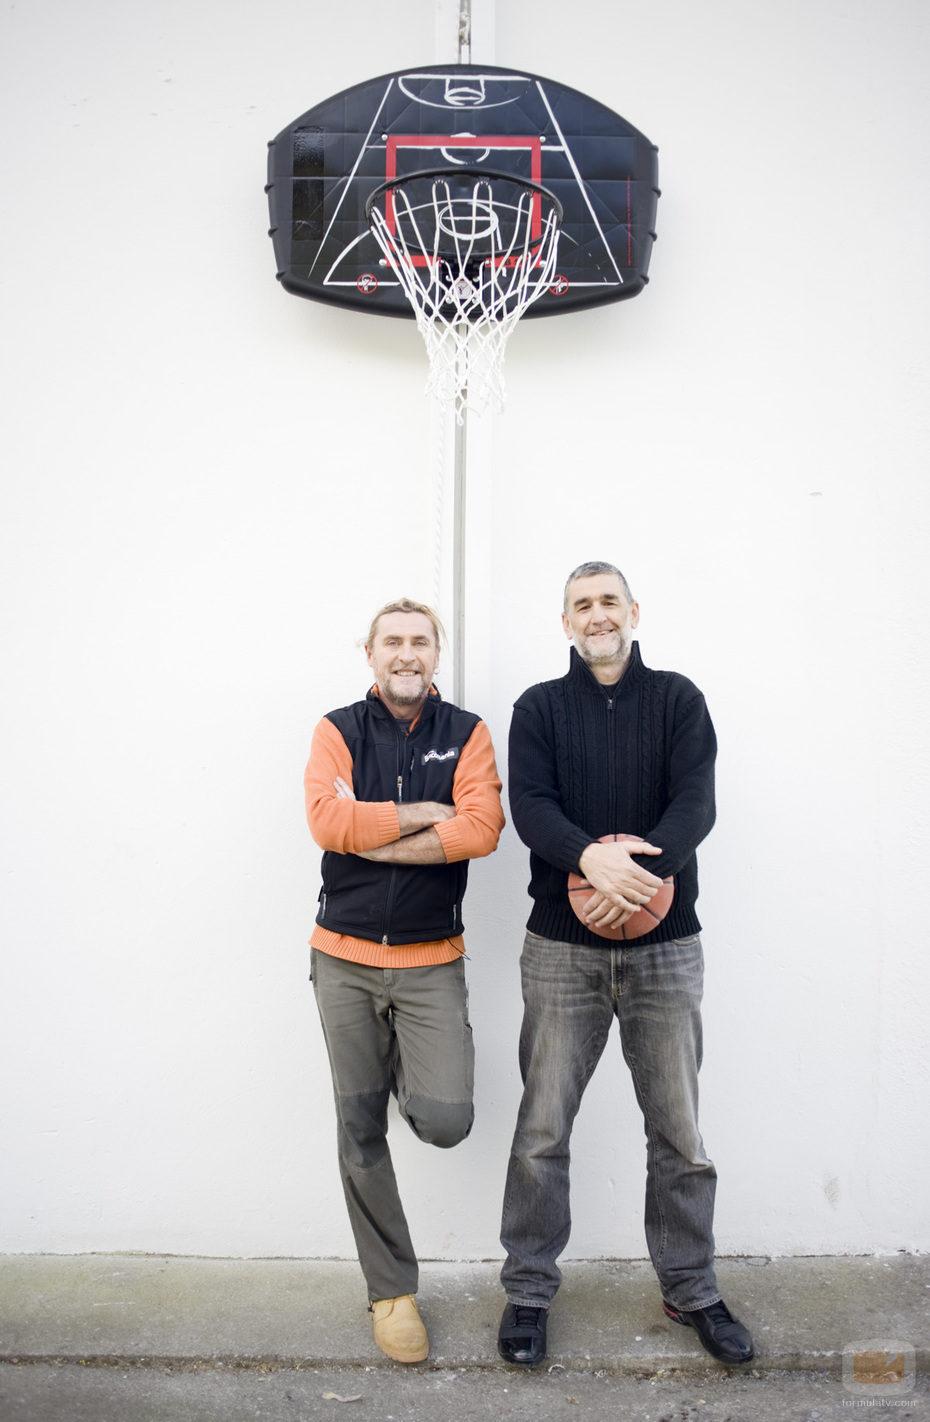 Kristian pielhoff y juanma l pez iturriaga fotos formulatv - Lopez iturriaga hermanos ...